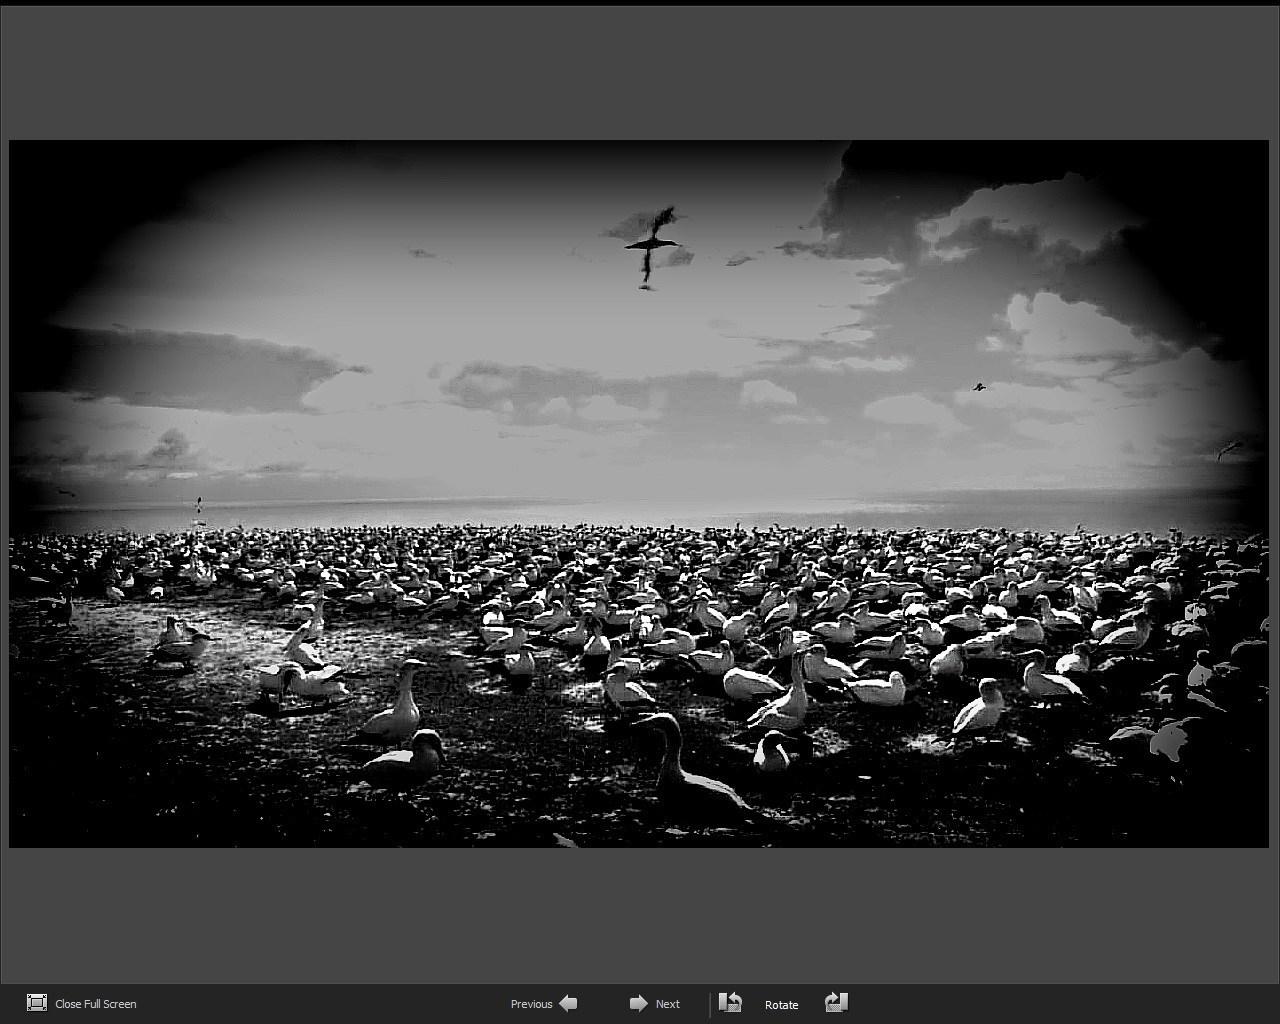 Full Screen View